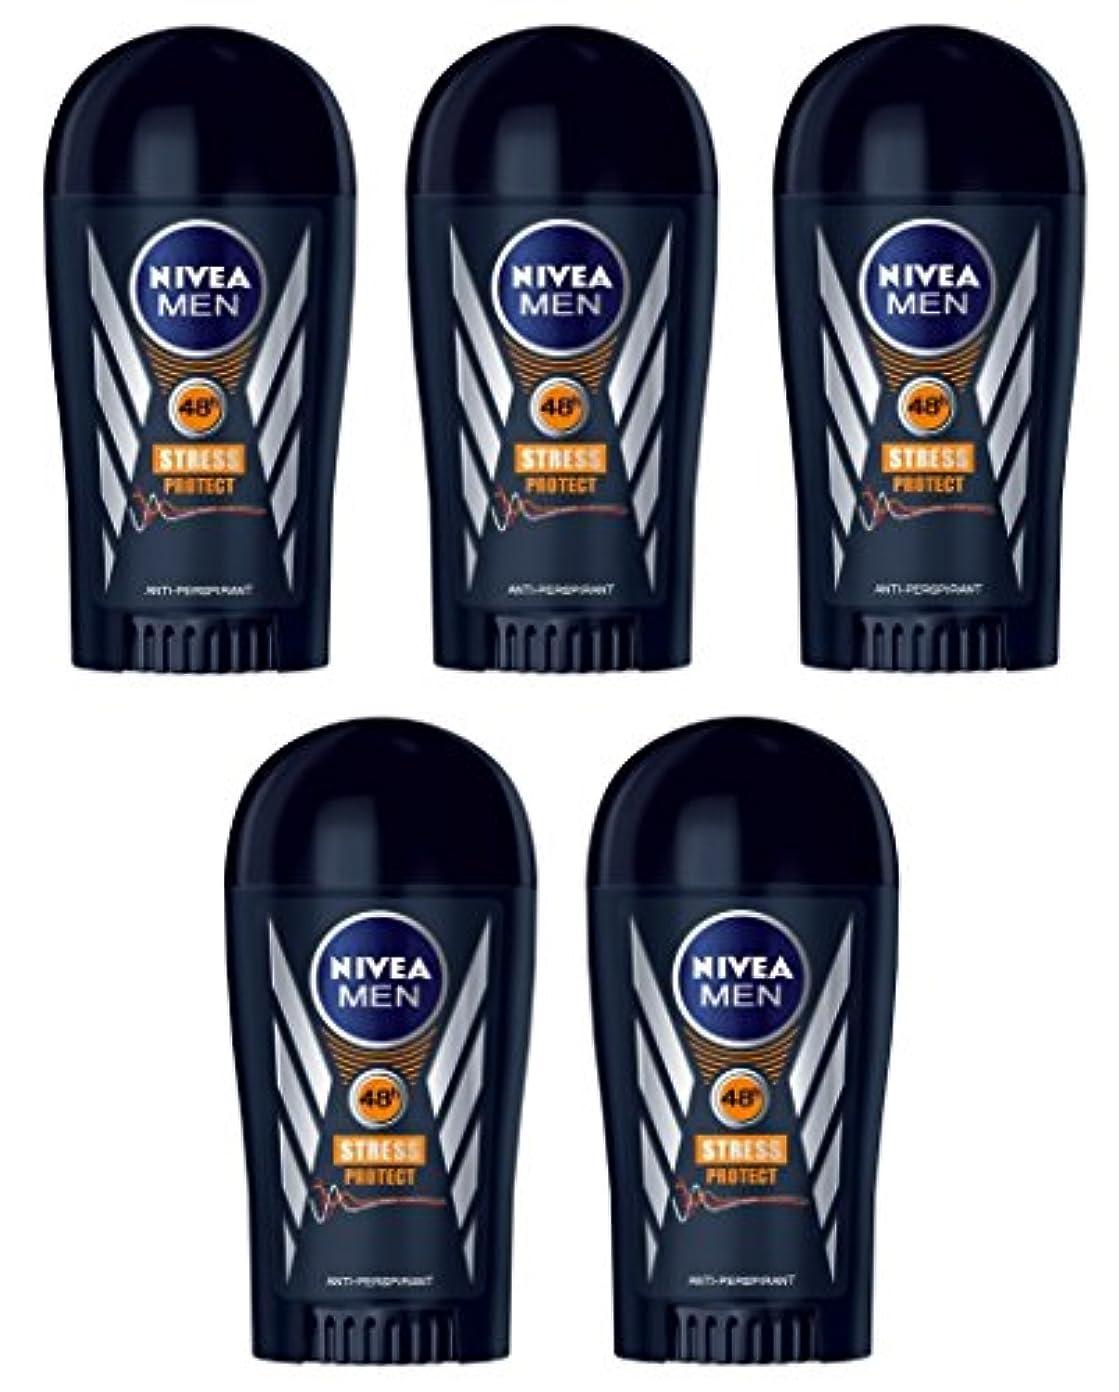 事件、出来事硬化するスーパーマーケット(Pack of 5) Nivea Stress Protect Anti-perspirant Deodorant Solid Stick for Men 5x40ml - (5パック) ニベア応力プロテクト制汗剤デオドラントスティック...